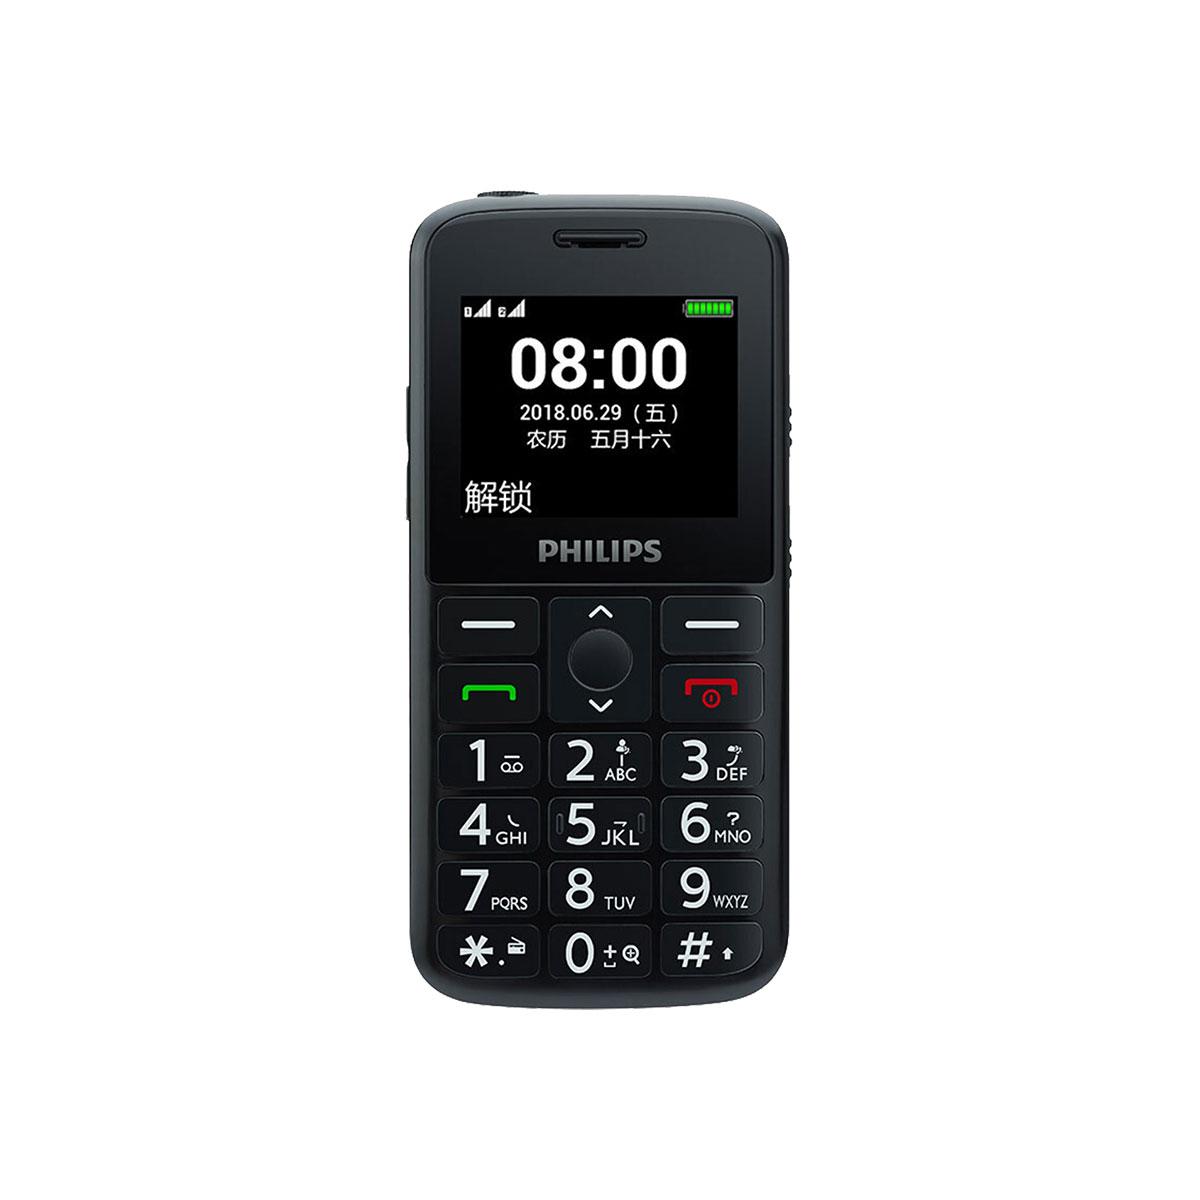 飞利浦Philips/飞利浦 E207L  移动版 老人手机飞利浦 E207L 陨石黑